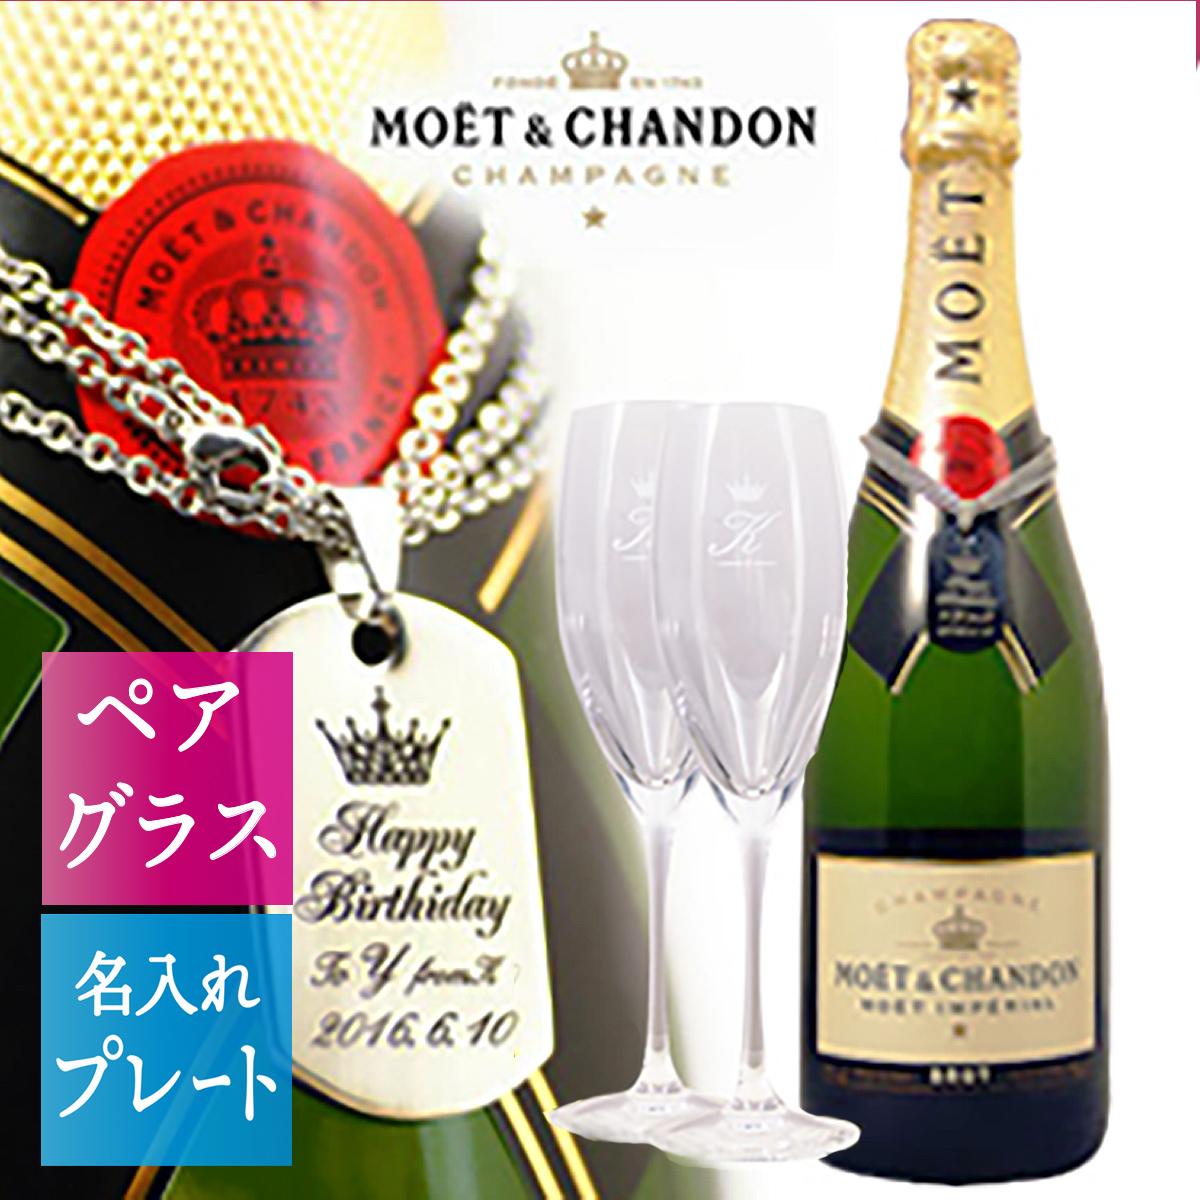 名入れ彫刻ボトル モエ・エ・シャンドン&メモリアルIDプレート&リーデルペアグラス(シャンパンギフト)750ml | プレゼント 名前入り ギフト 酒 お祝い 結婚祝い 記念品 贈答 名入れ酒 ギフトラッピング 記念日